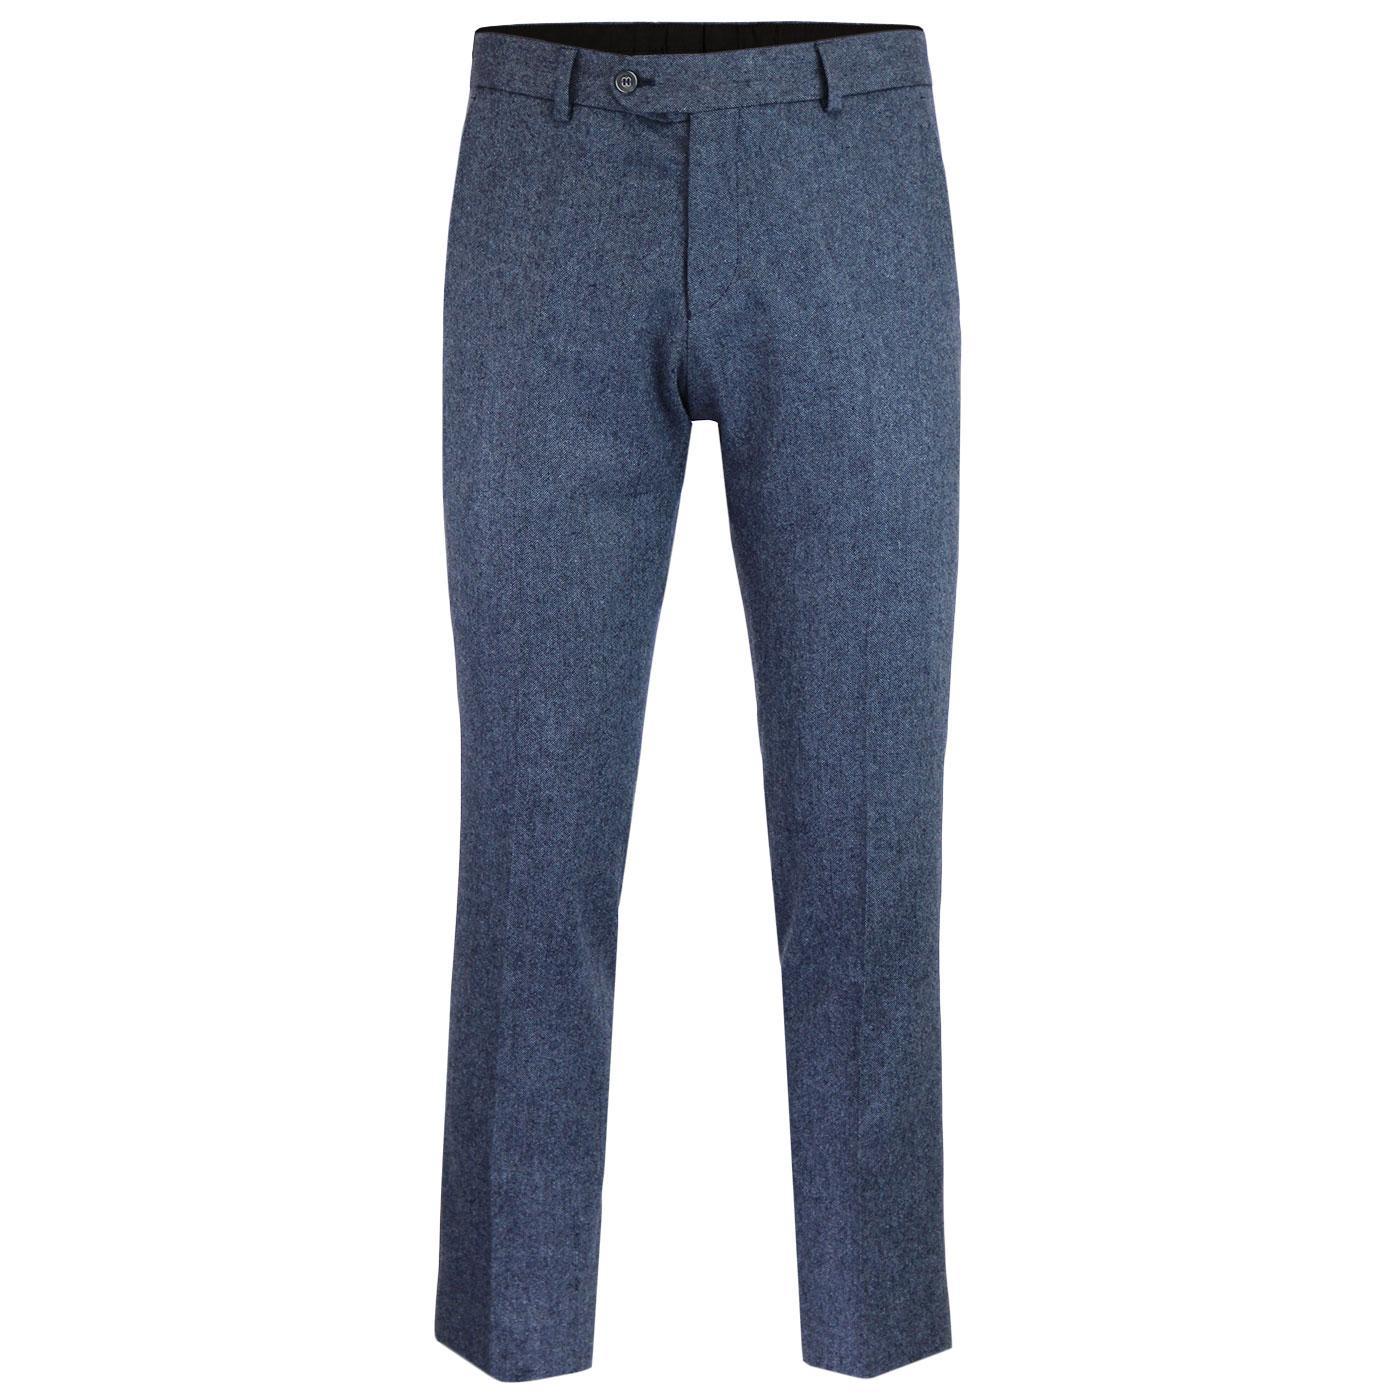 Men's Retro Mod Slim Blue Donegal Suit Trousers